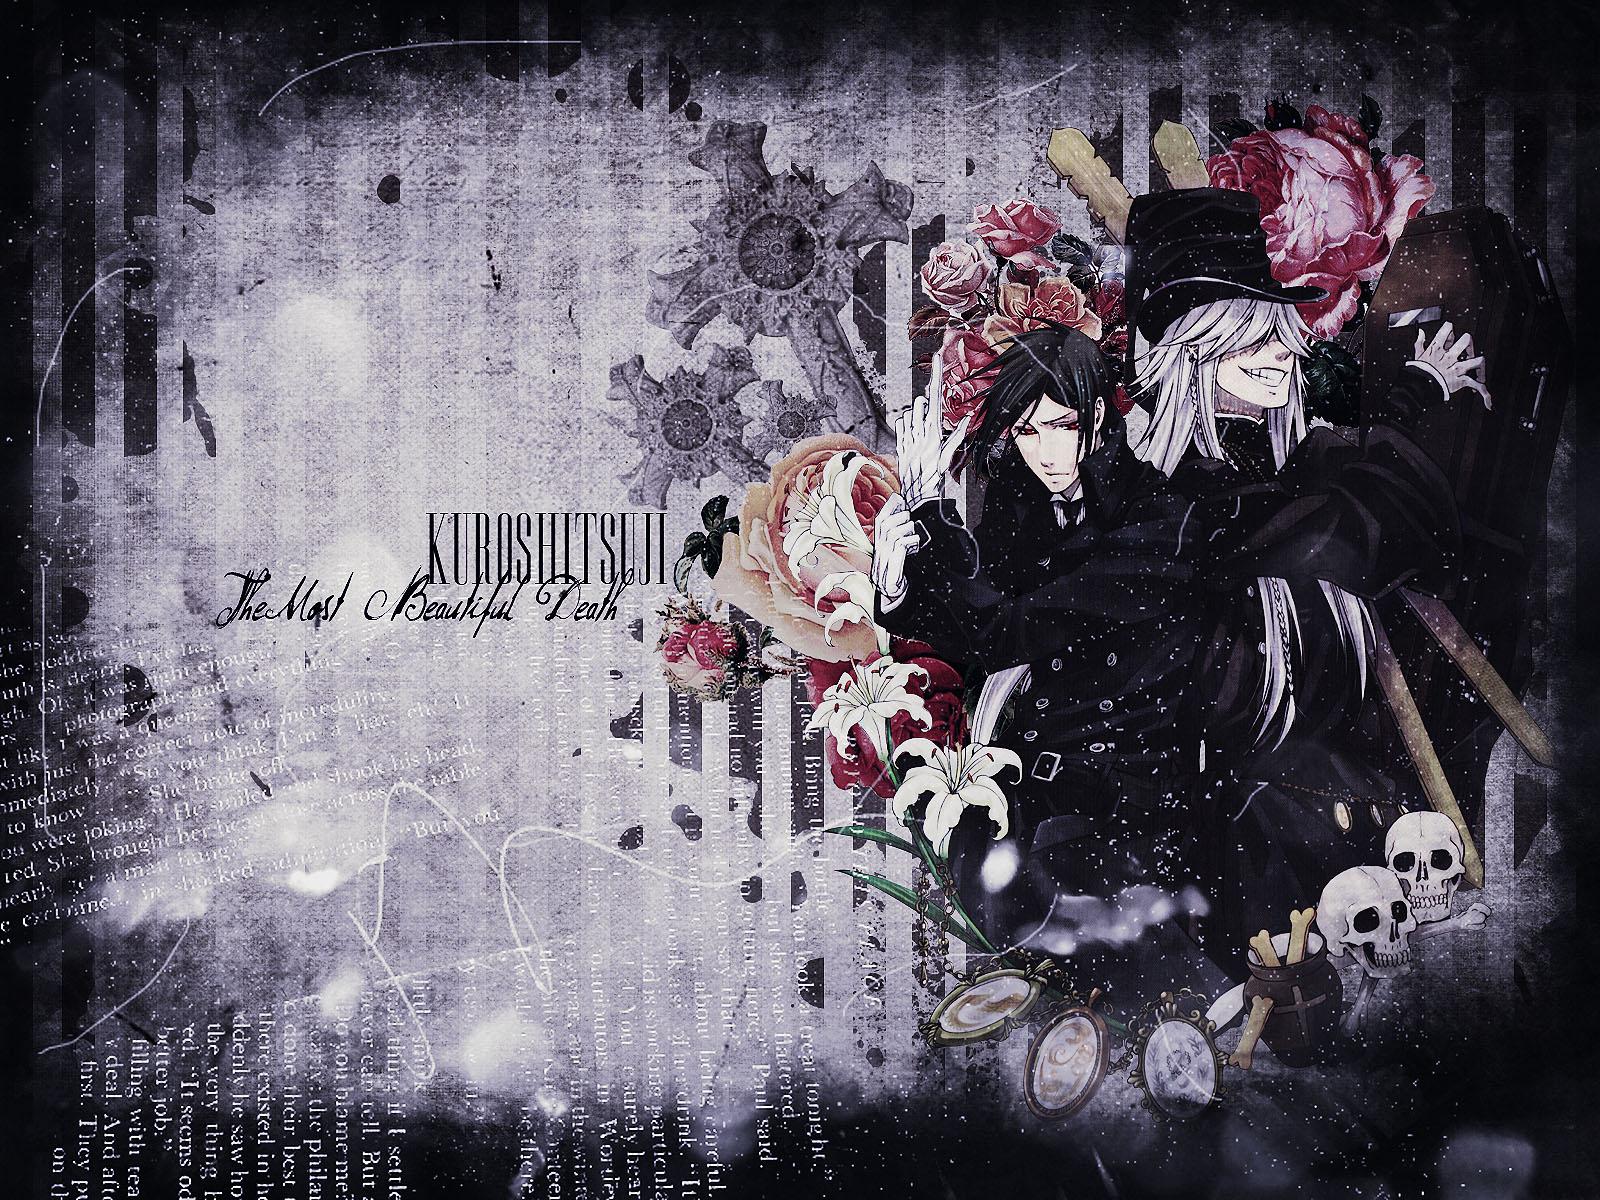 Kuroshitsuji (Black Butler) - Toboso Yana - Wallpaper ...  Kuroshitsuji (B...